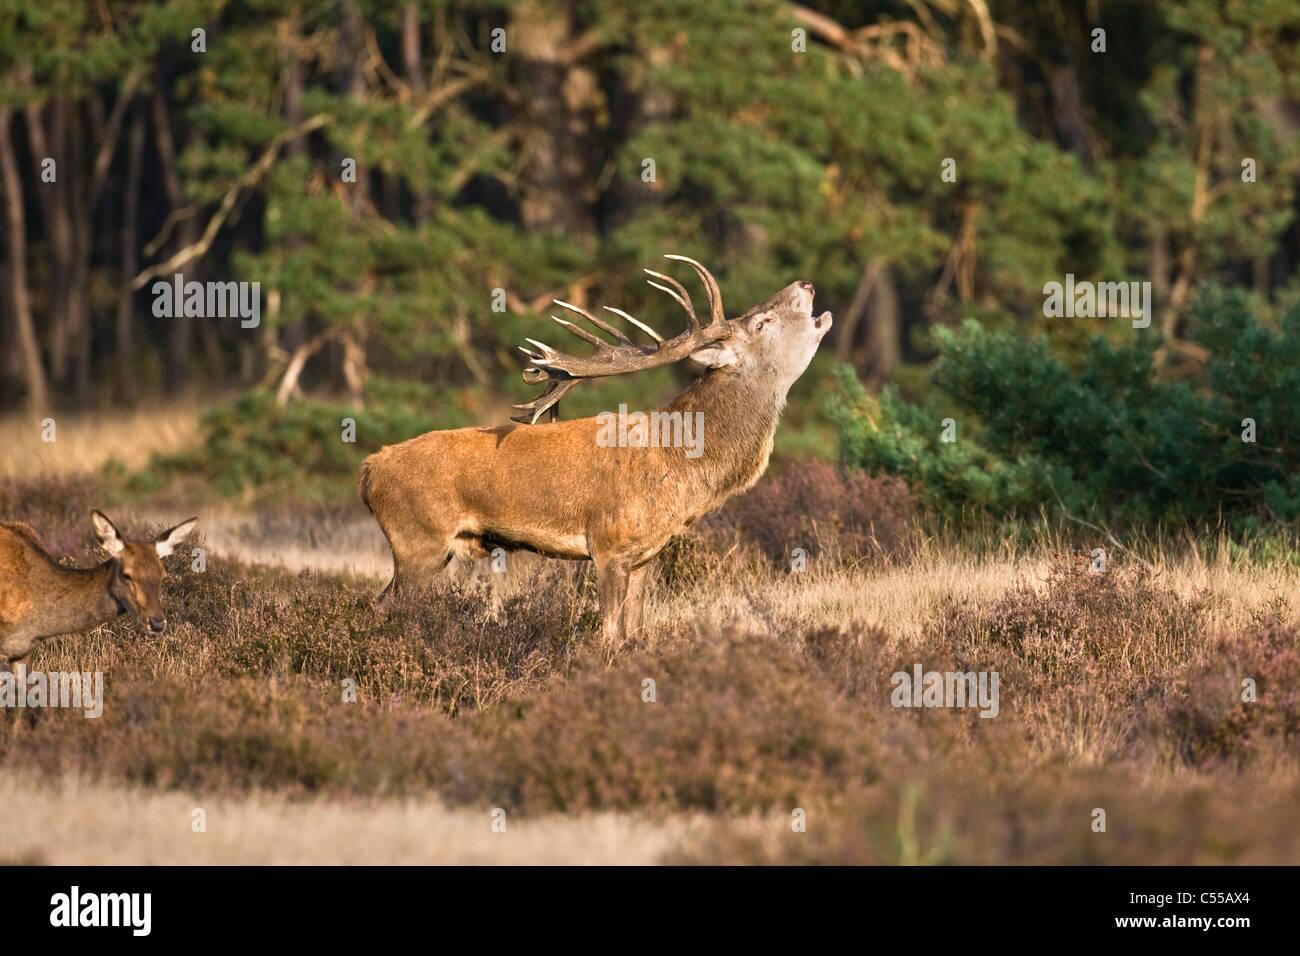 Les Pays-Bas, Otterlo, appelé parc national De Hoge Veluwe. Red Deer (Cervus elaphus). Photo Stock